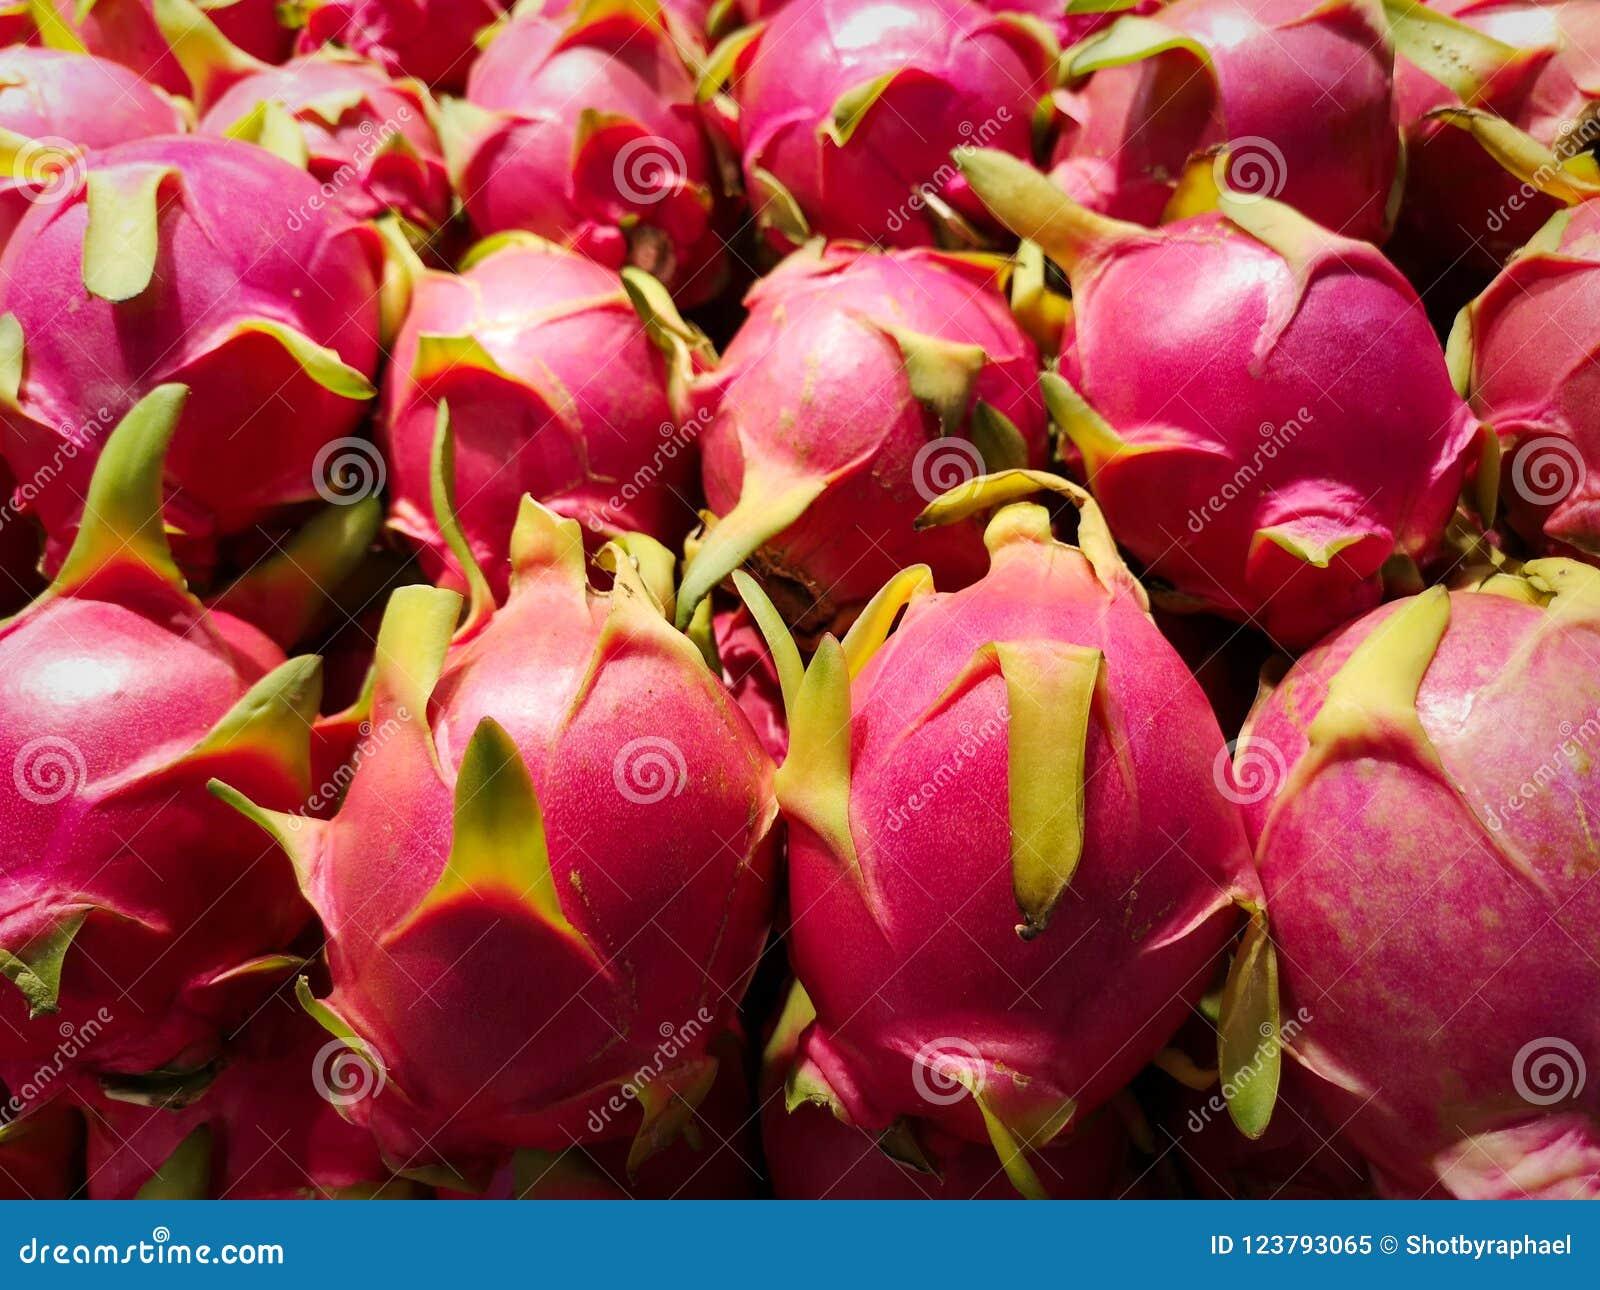 Une belle pile de fruit du dragon rose délicieux ; un favori doux et populaire dans des régimes asiatiques